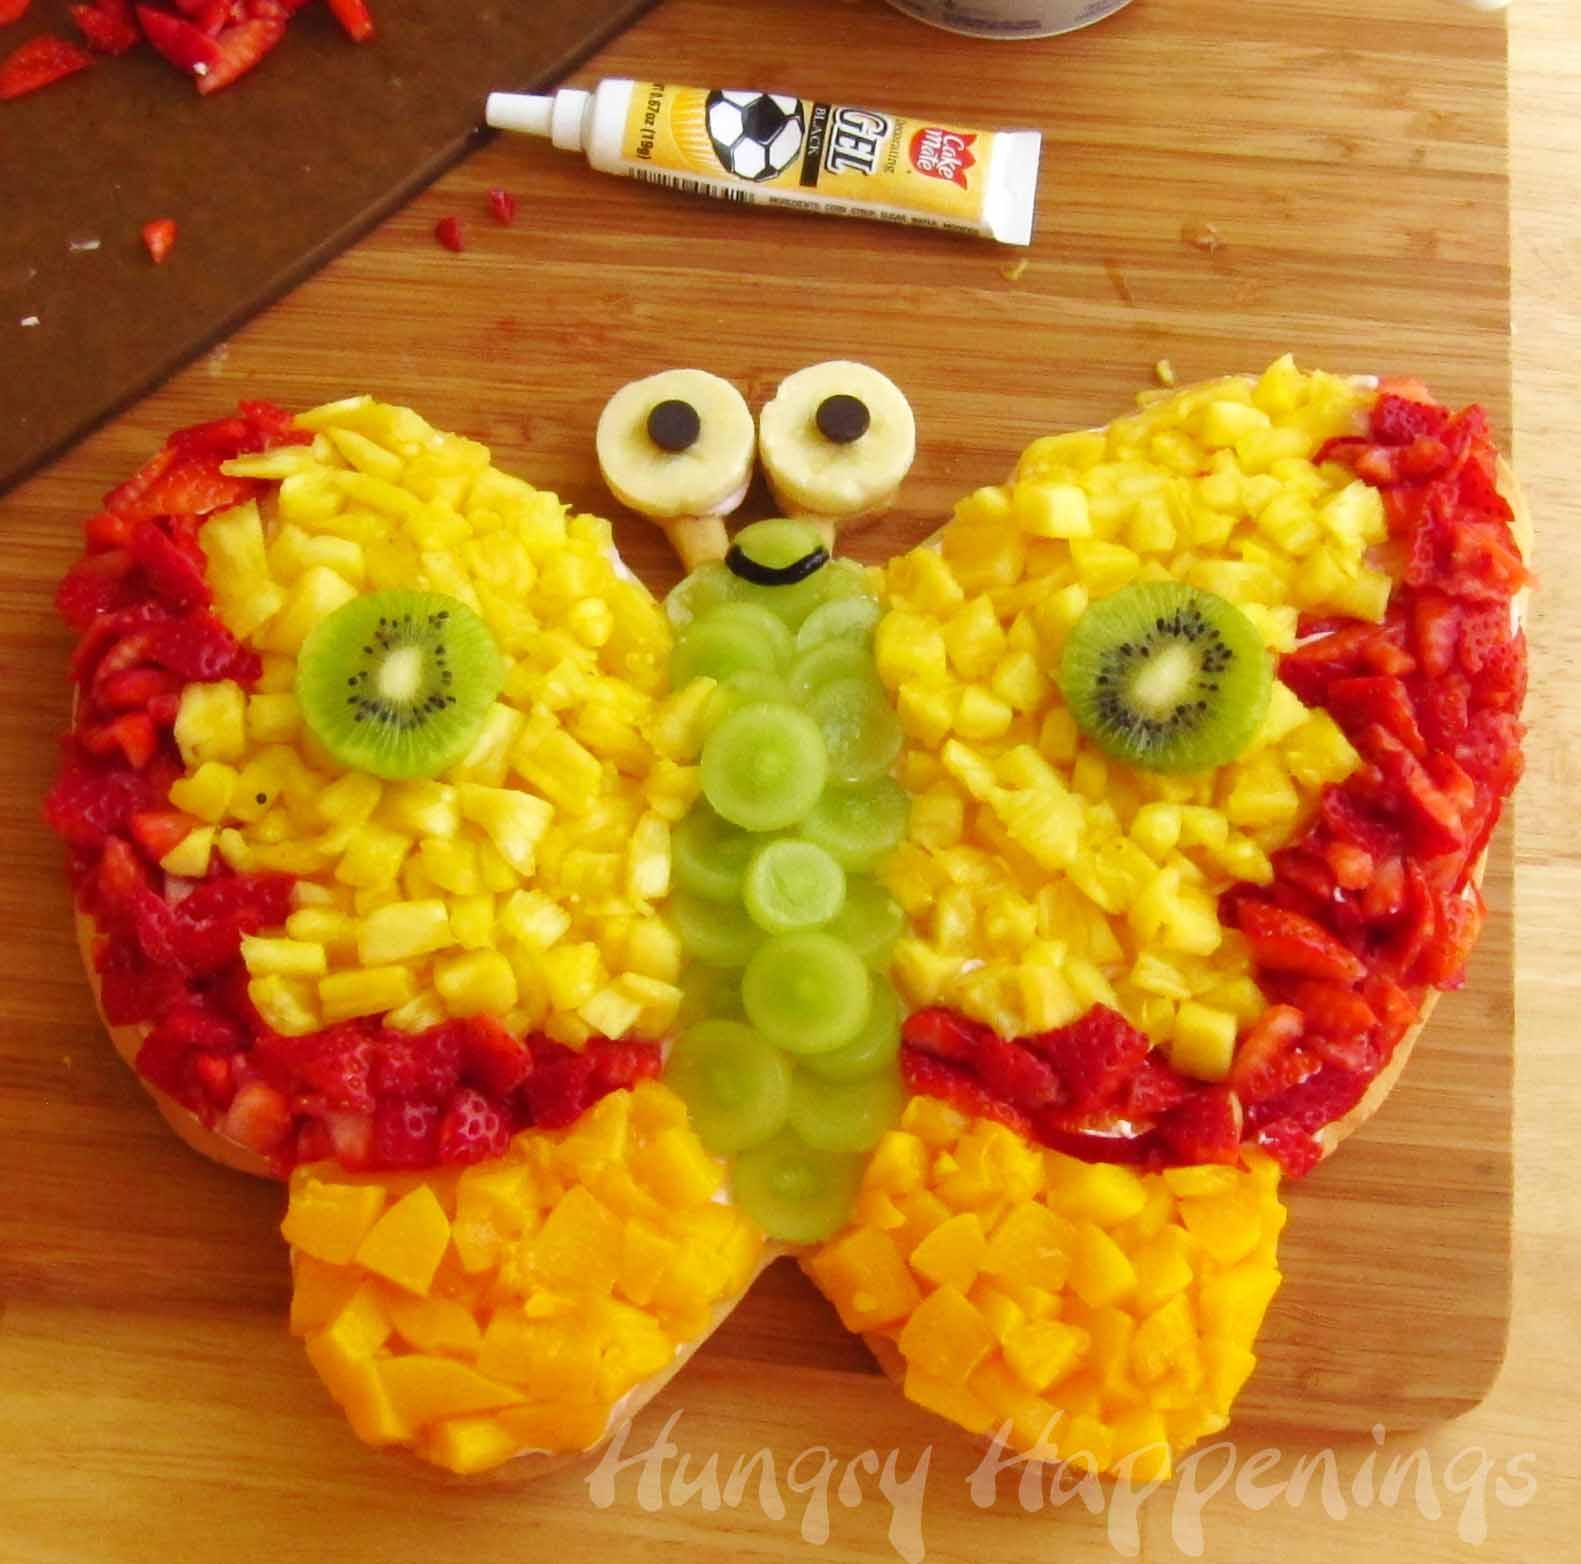 Fruit Shaped Cake Decoration Bjaydev for